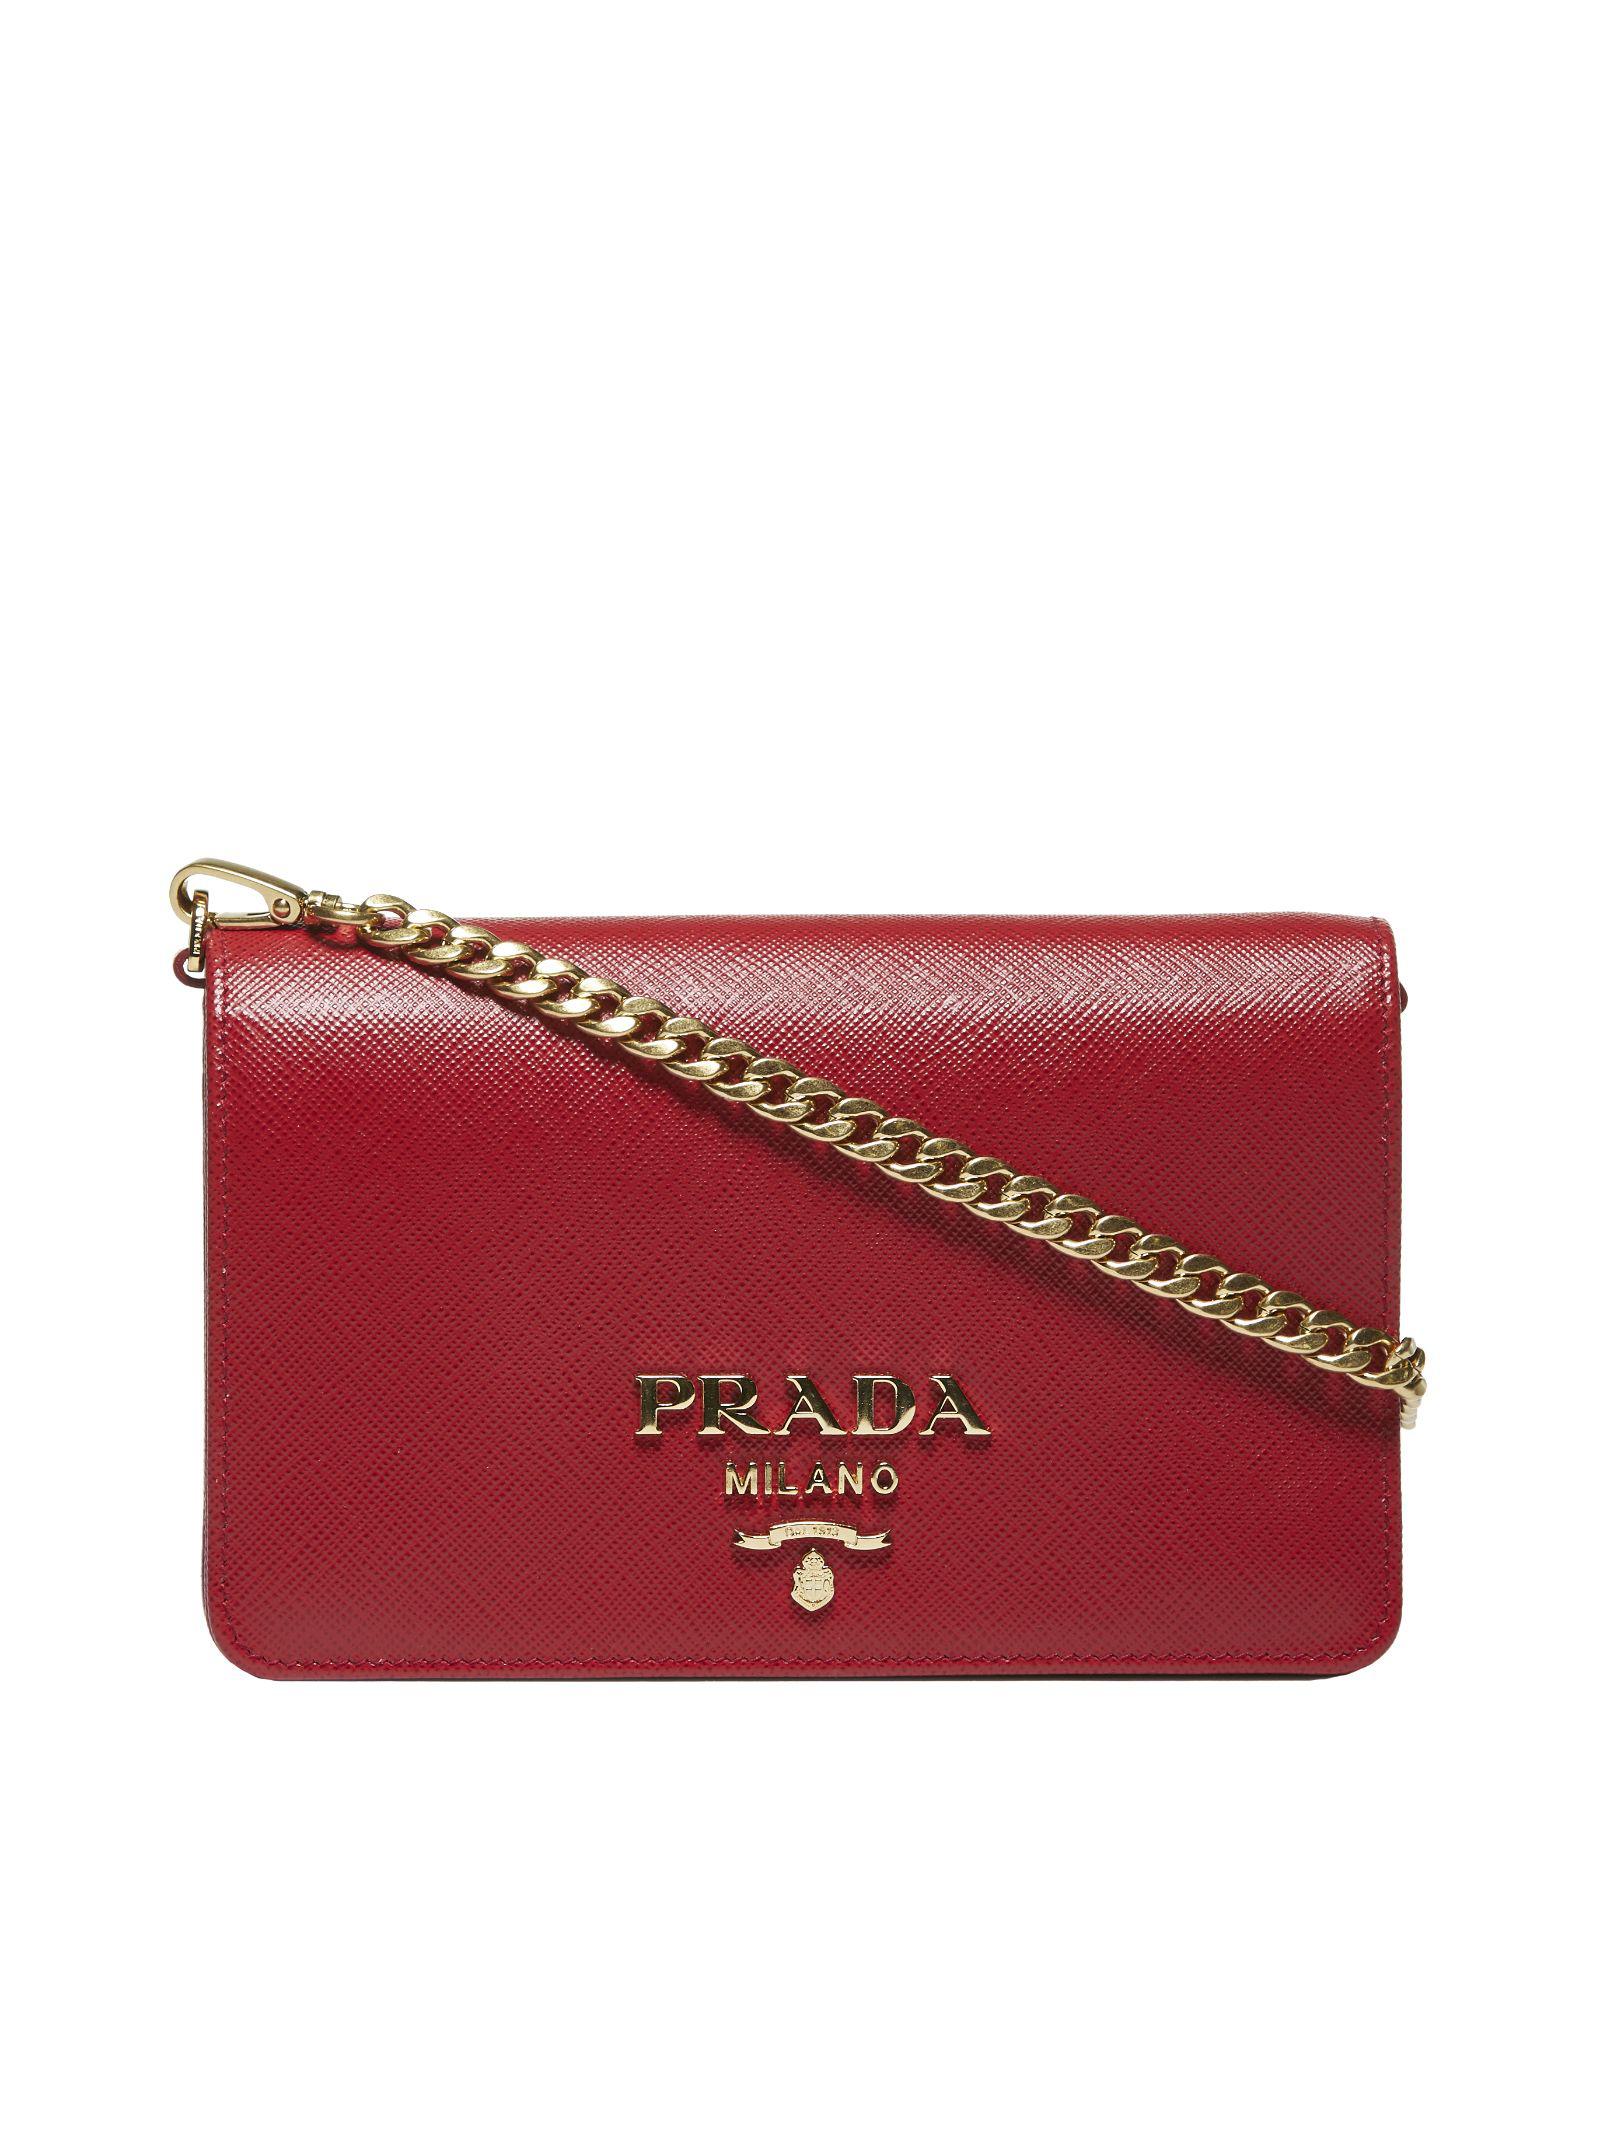 4e609ecf34b1d Prada Saffiano Crossbody Bag In Rosso